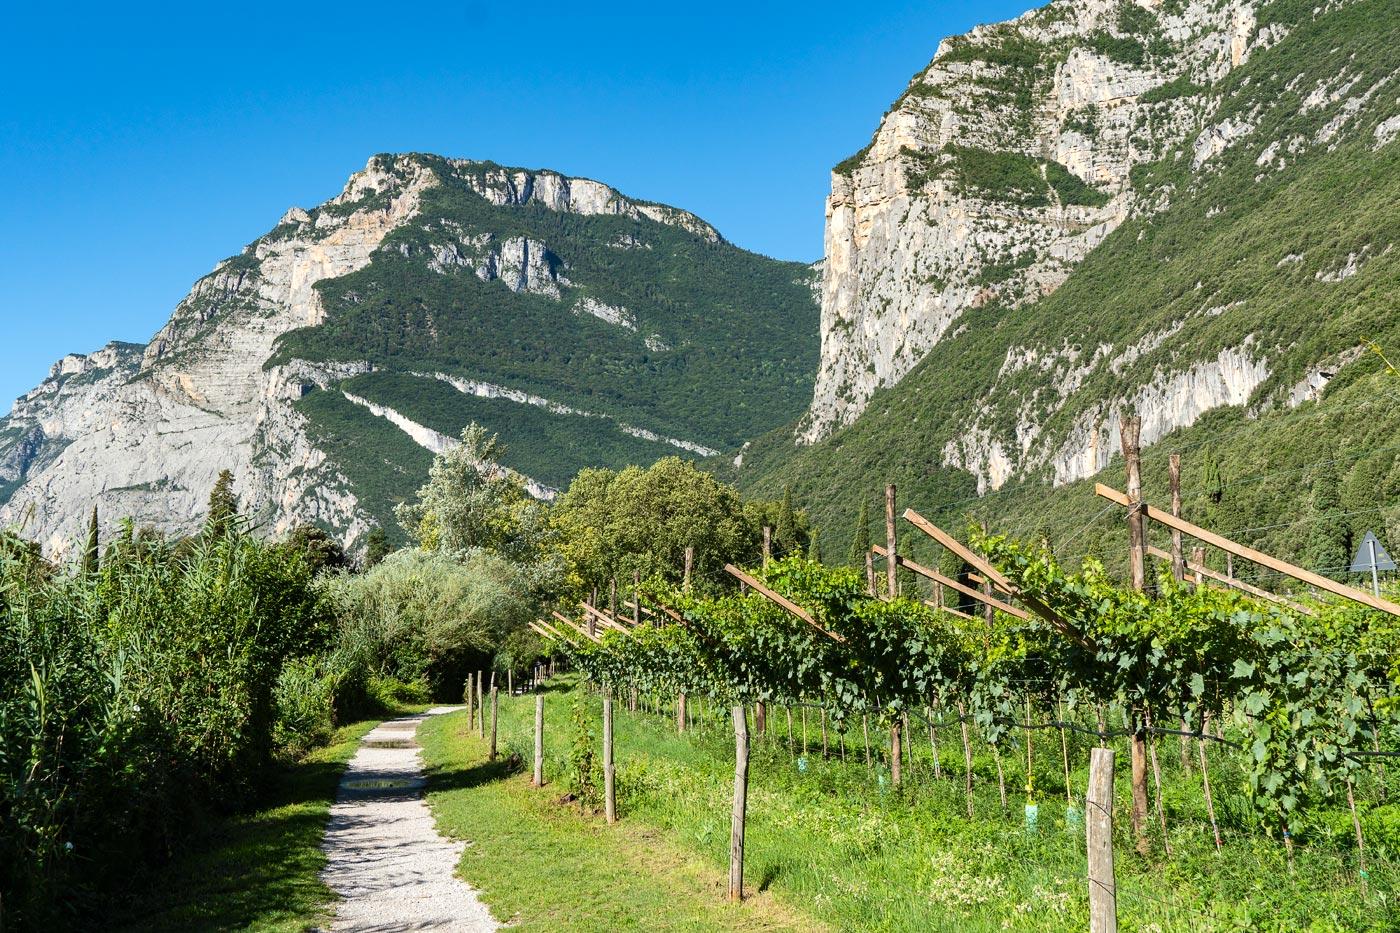 Северная Италия, виноградники в горах около замка Тоблино